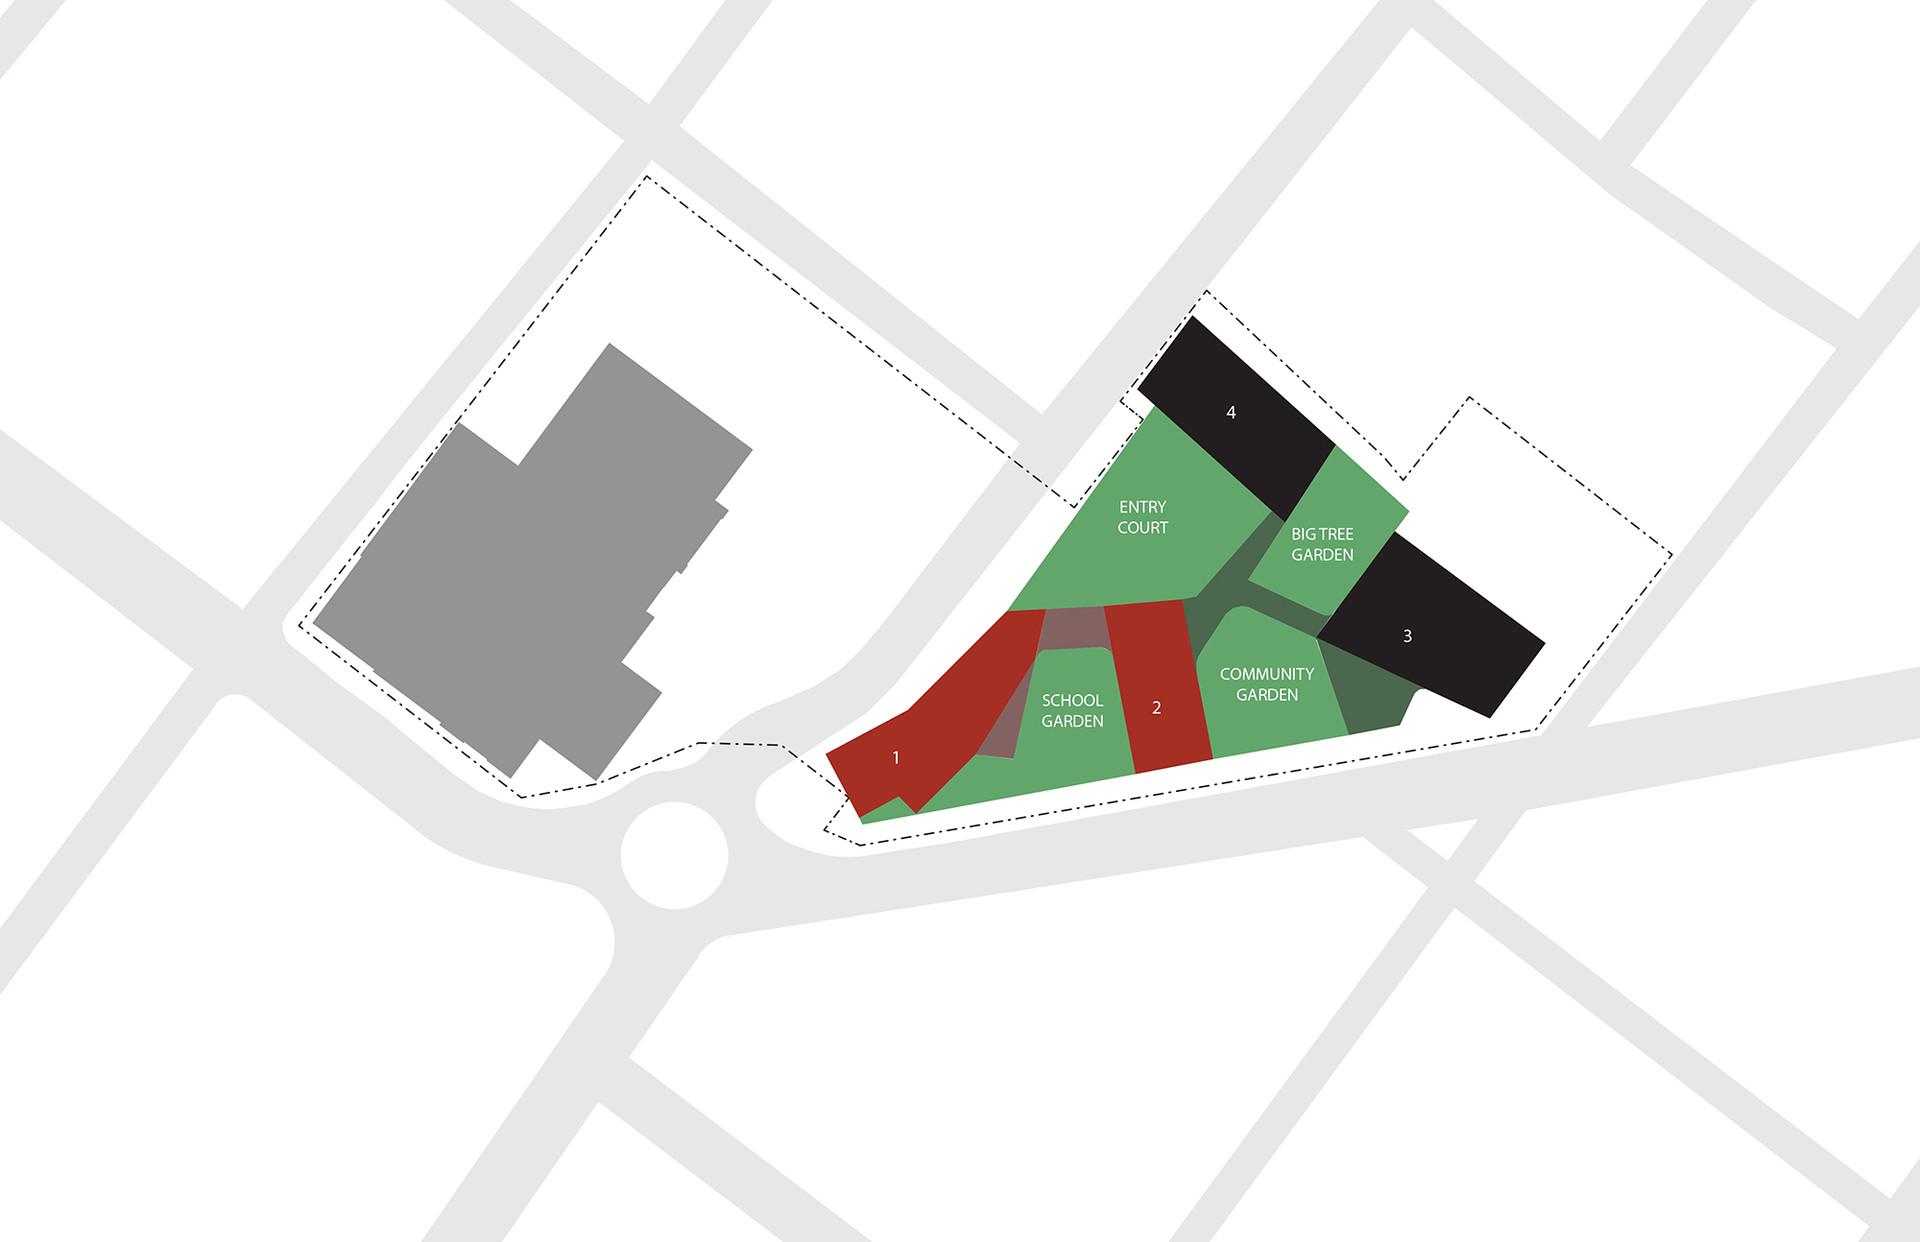 Four buildings shape four porous gardens